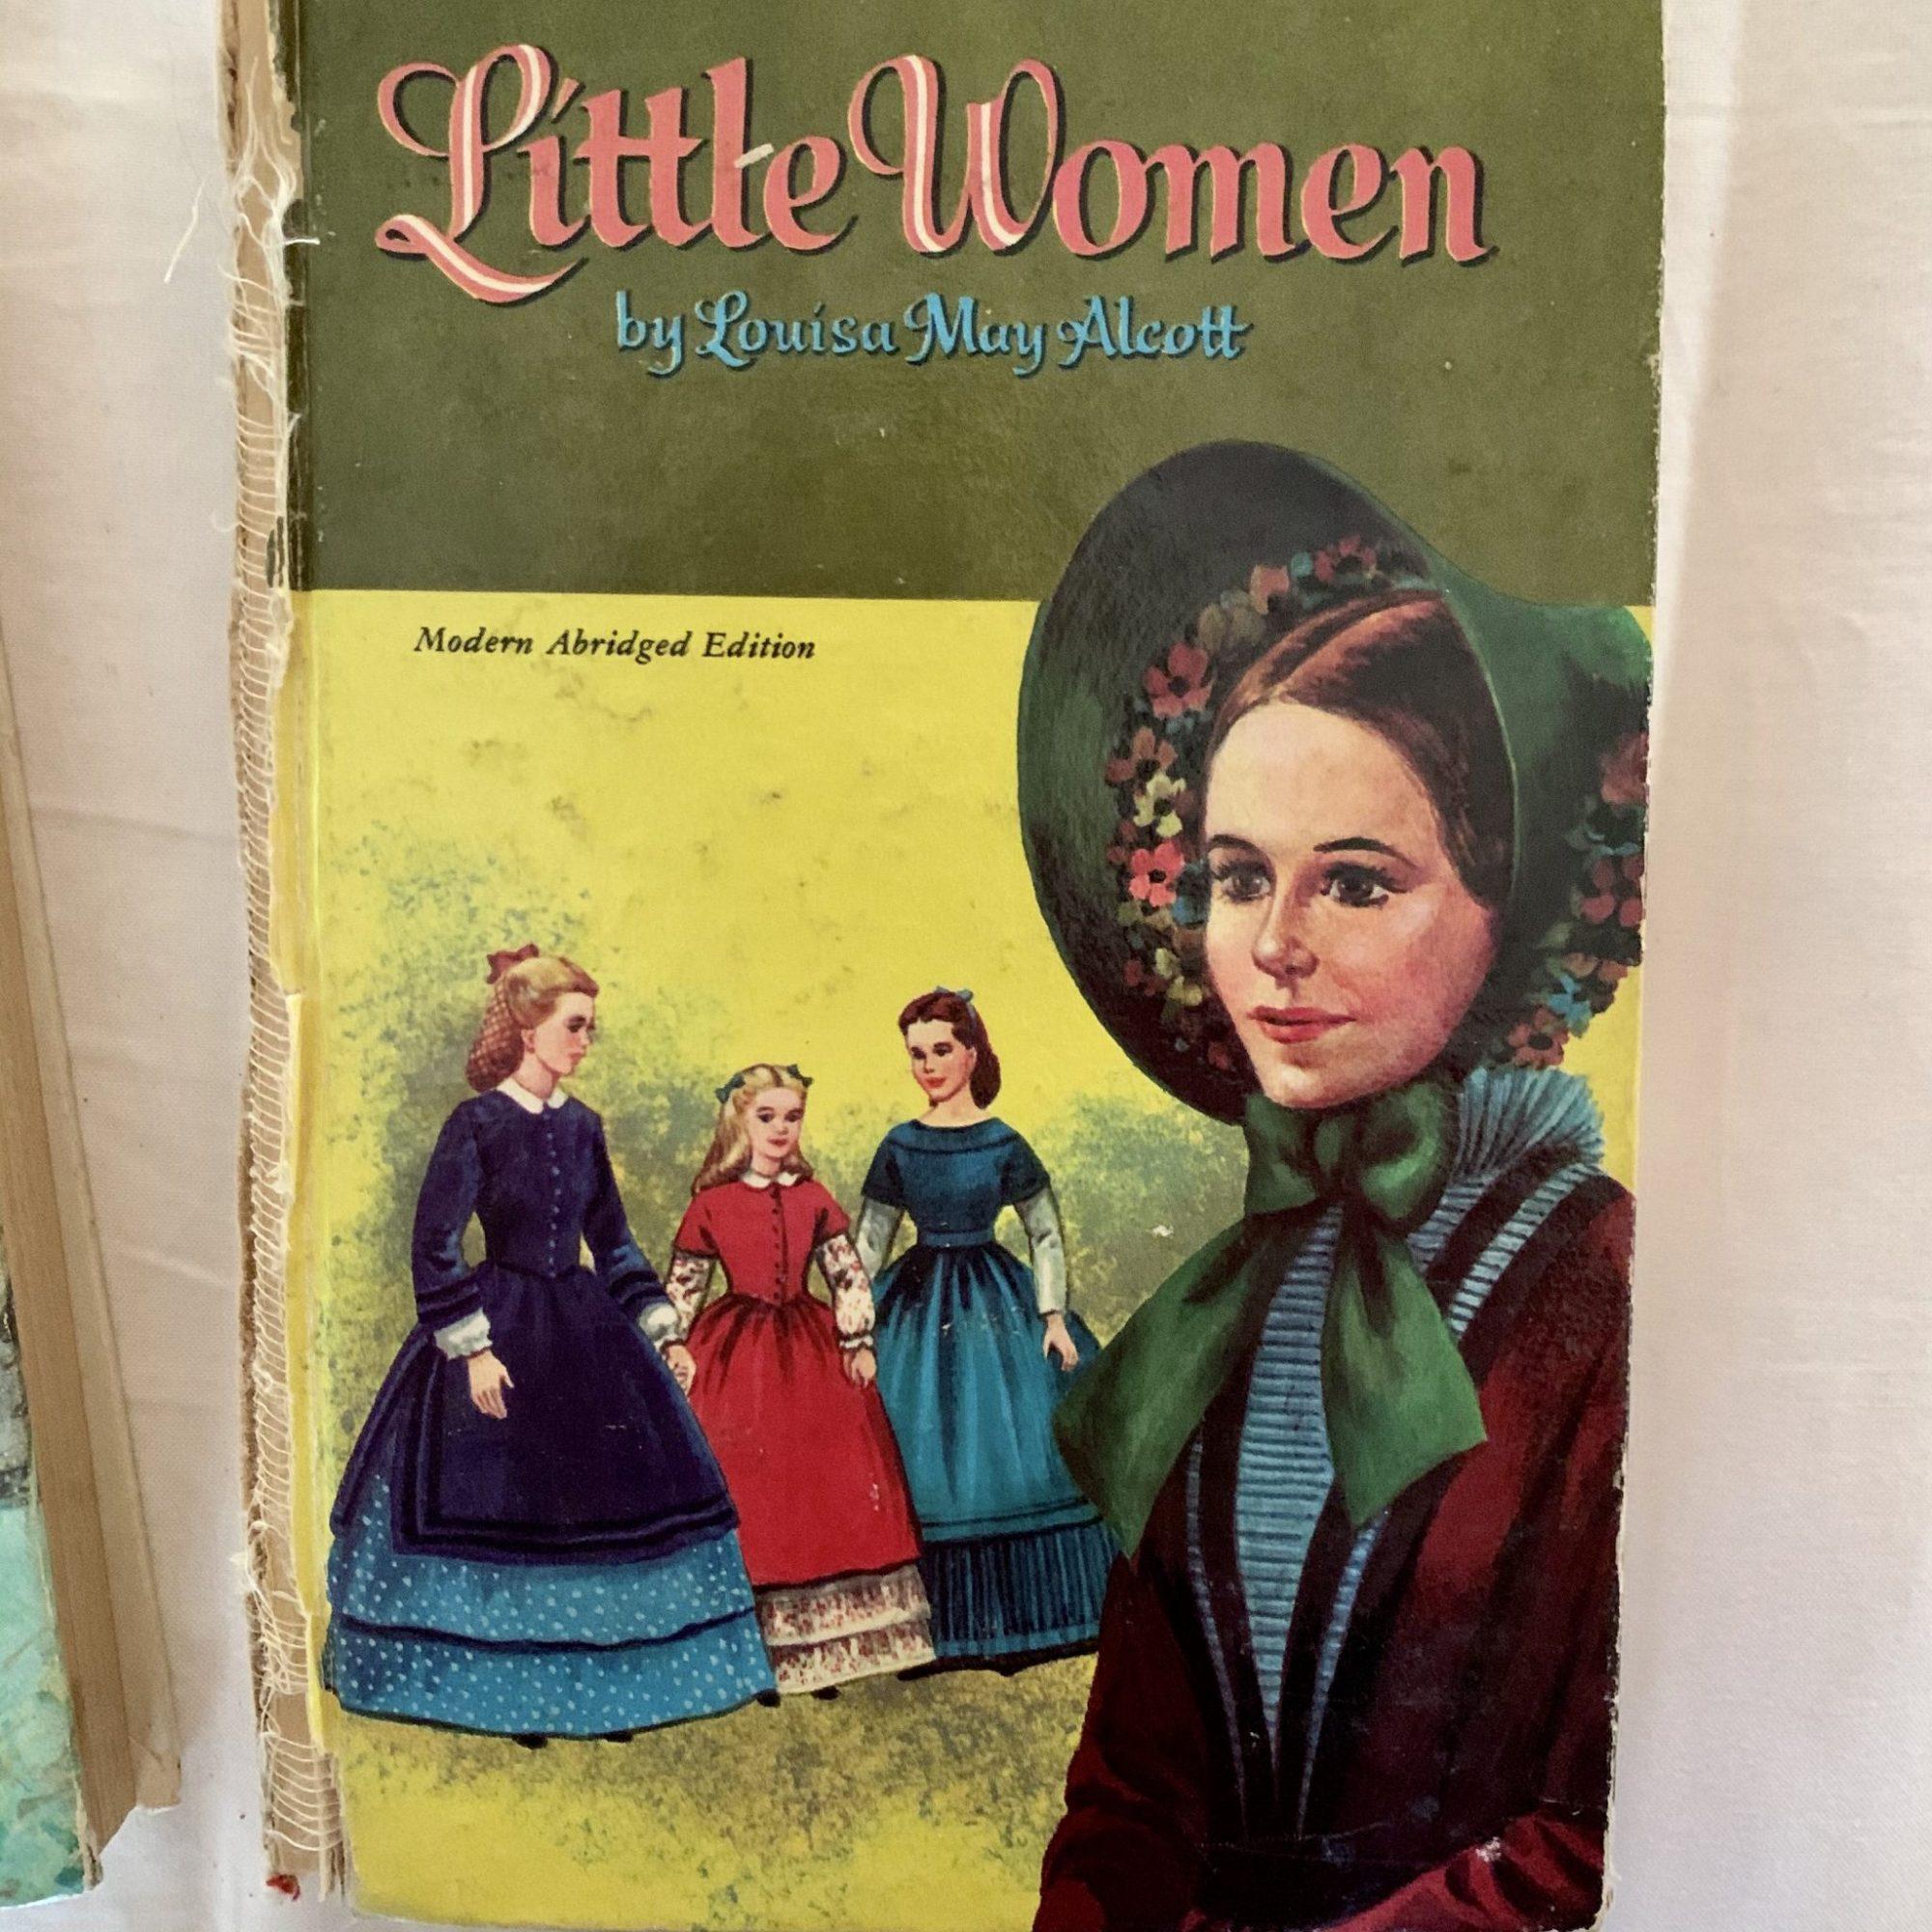 Little Women - favourite book